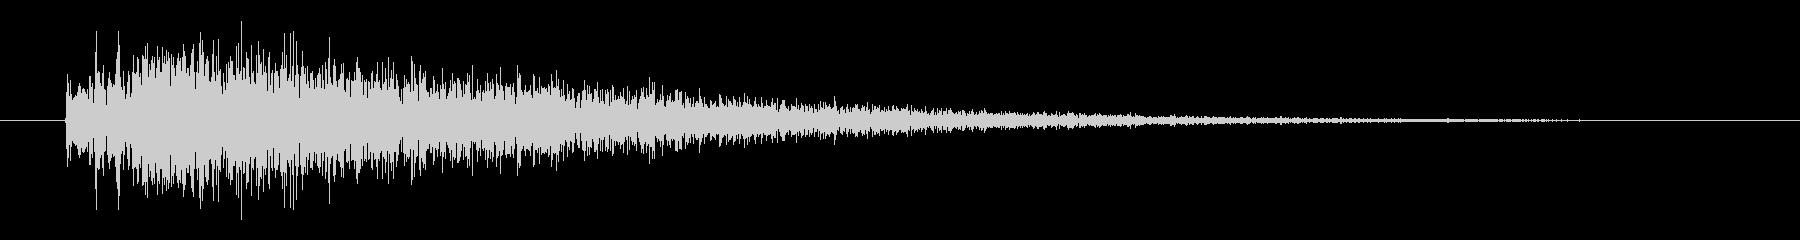 FX ゴングショート01の未再生の波形